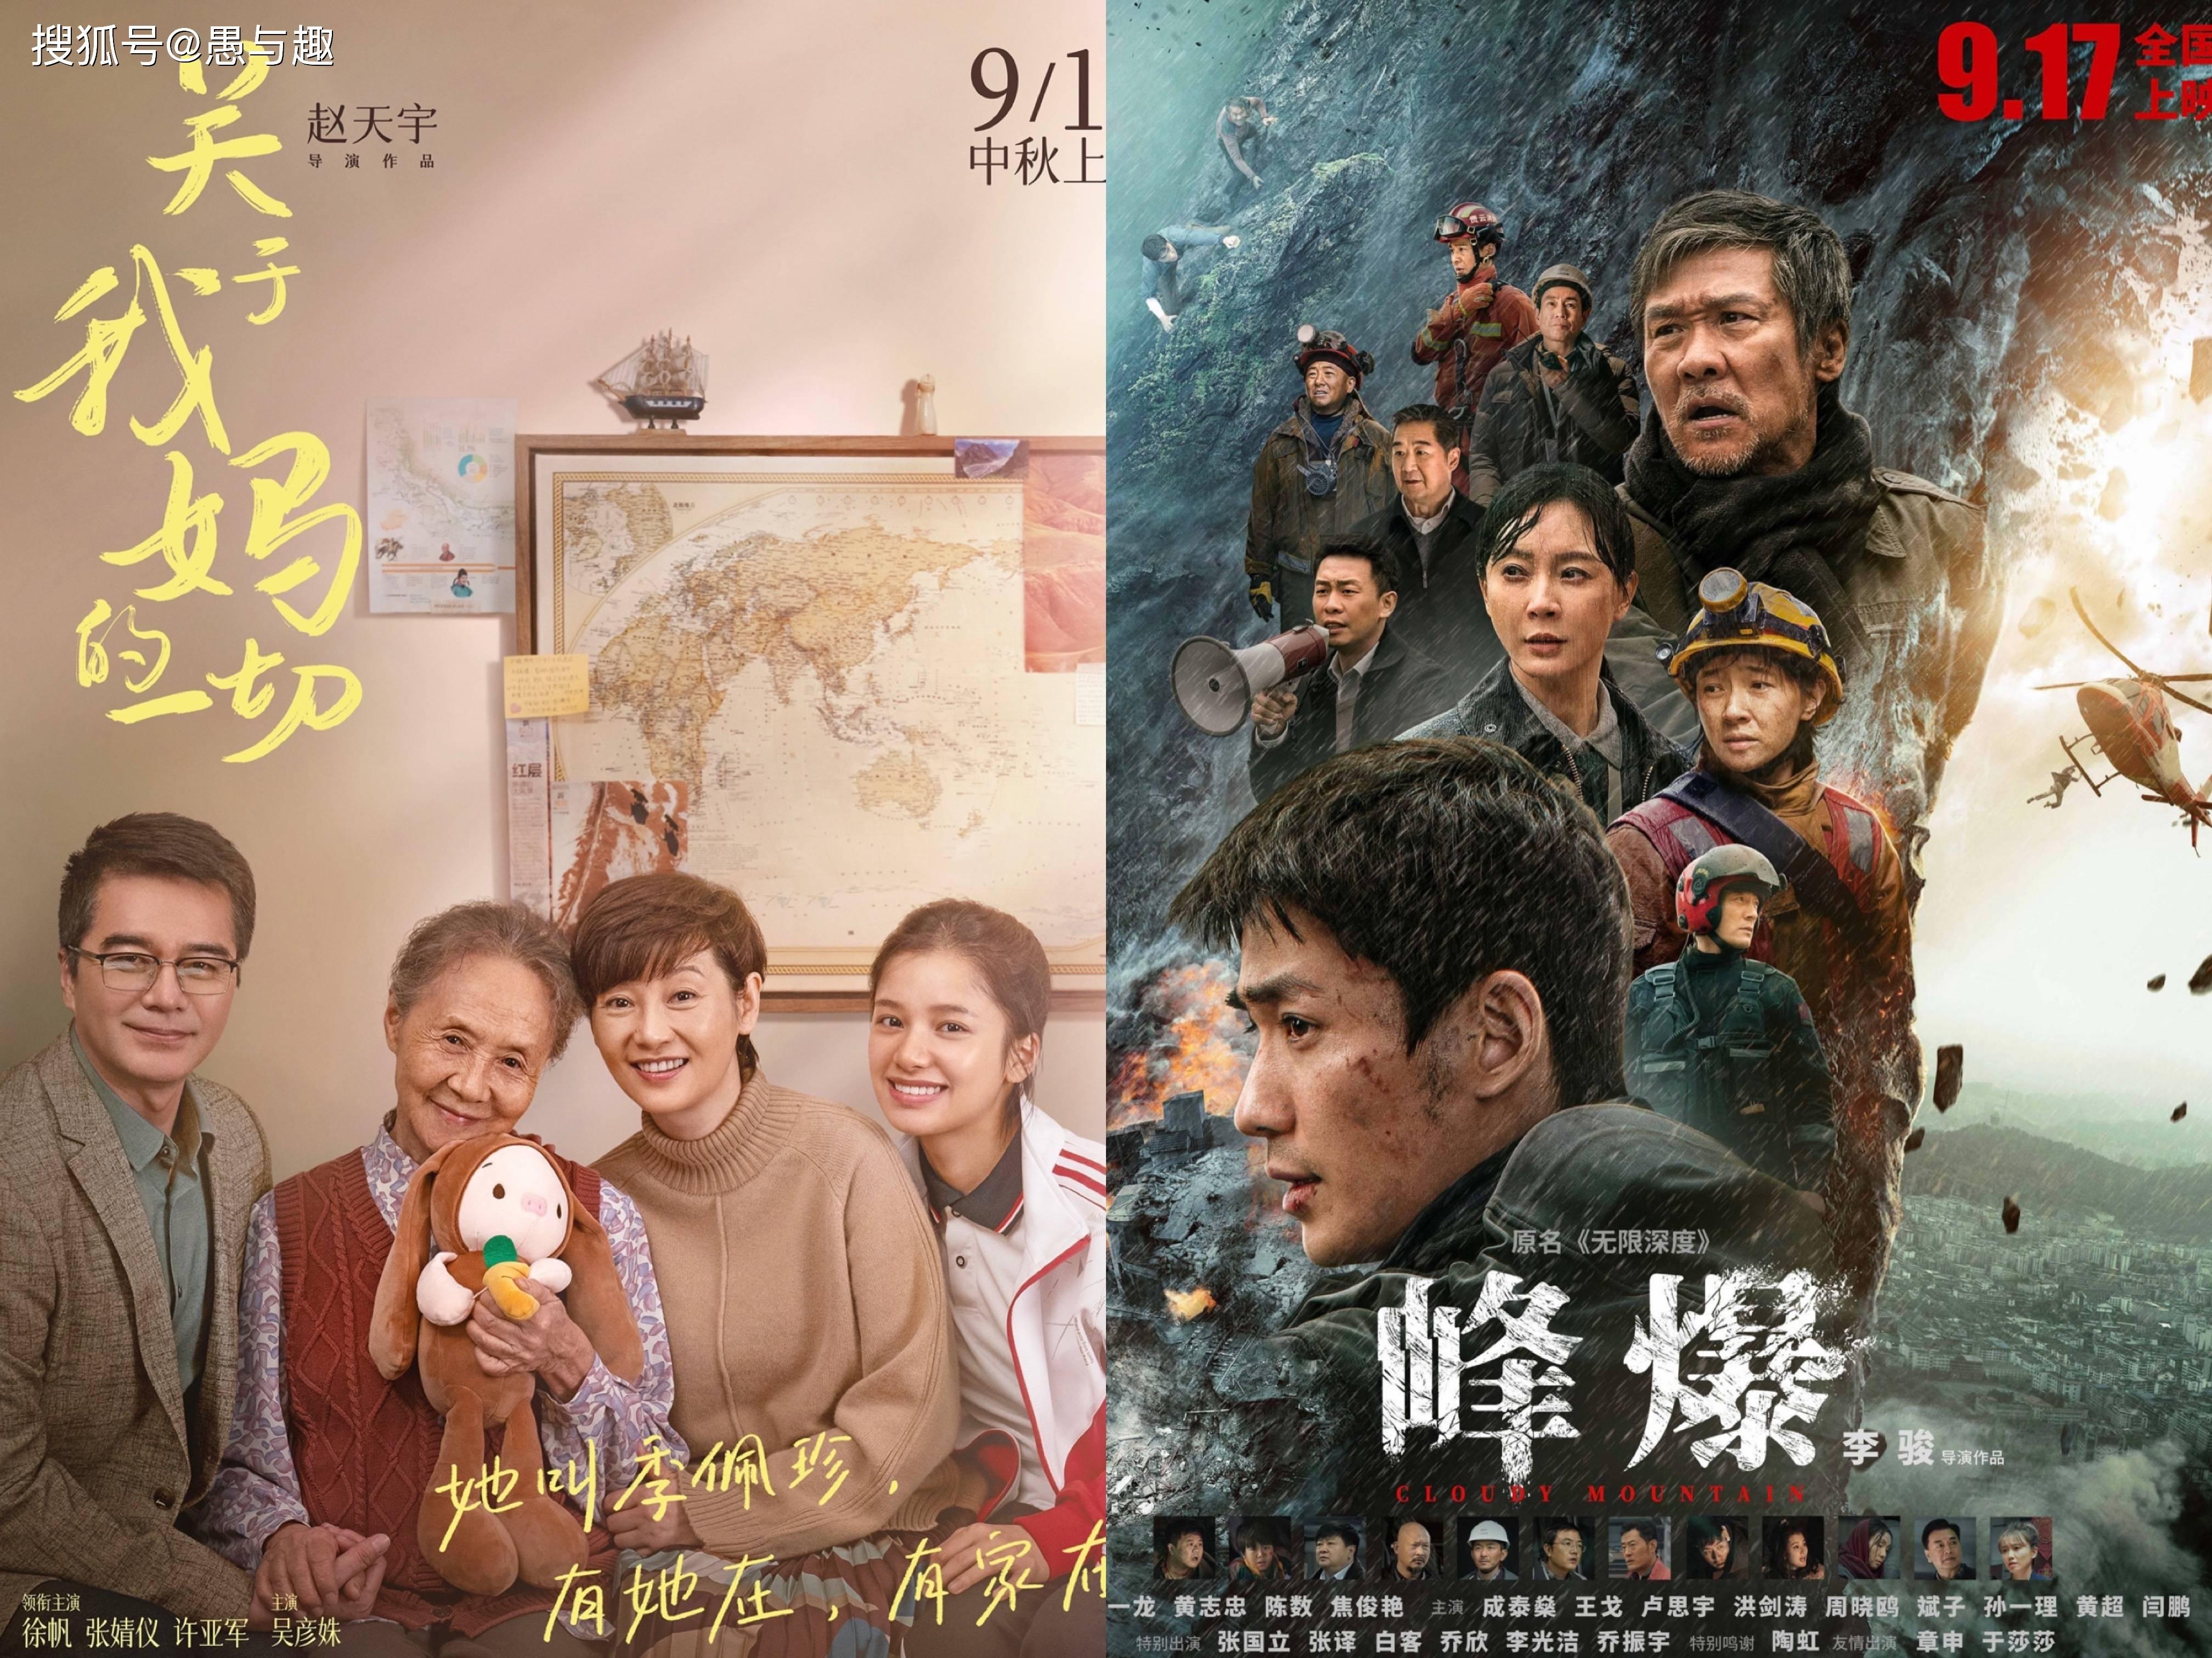 国庆档将至,你猜《我和我的父辈》与《长津湖》票房差距,会是多少倍?